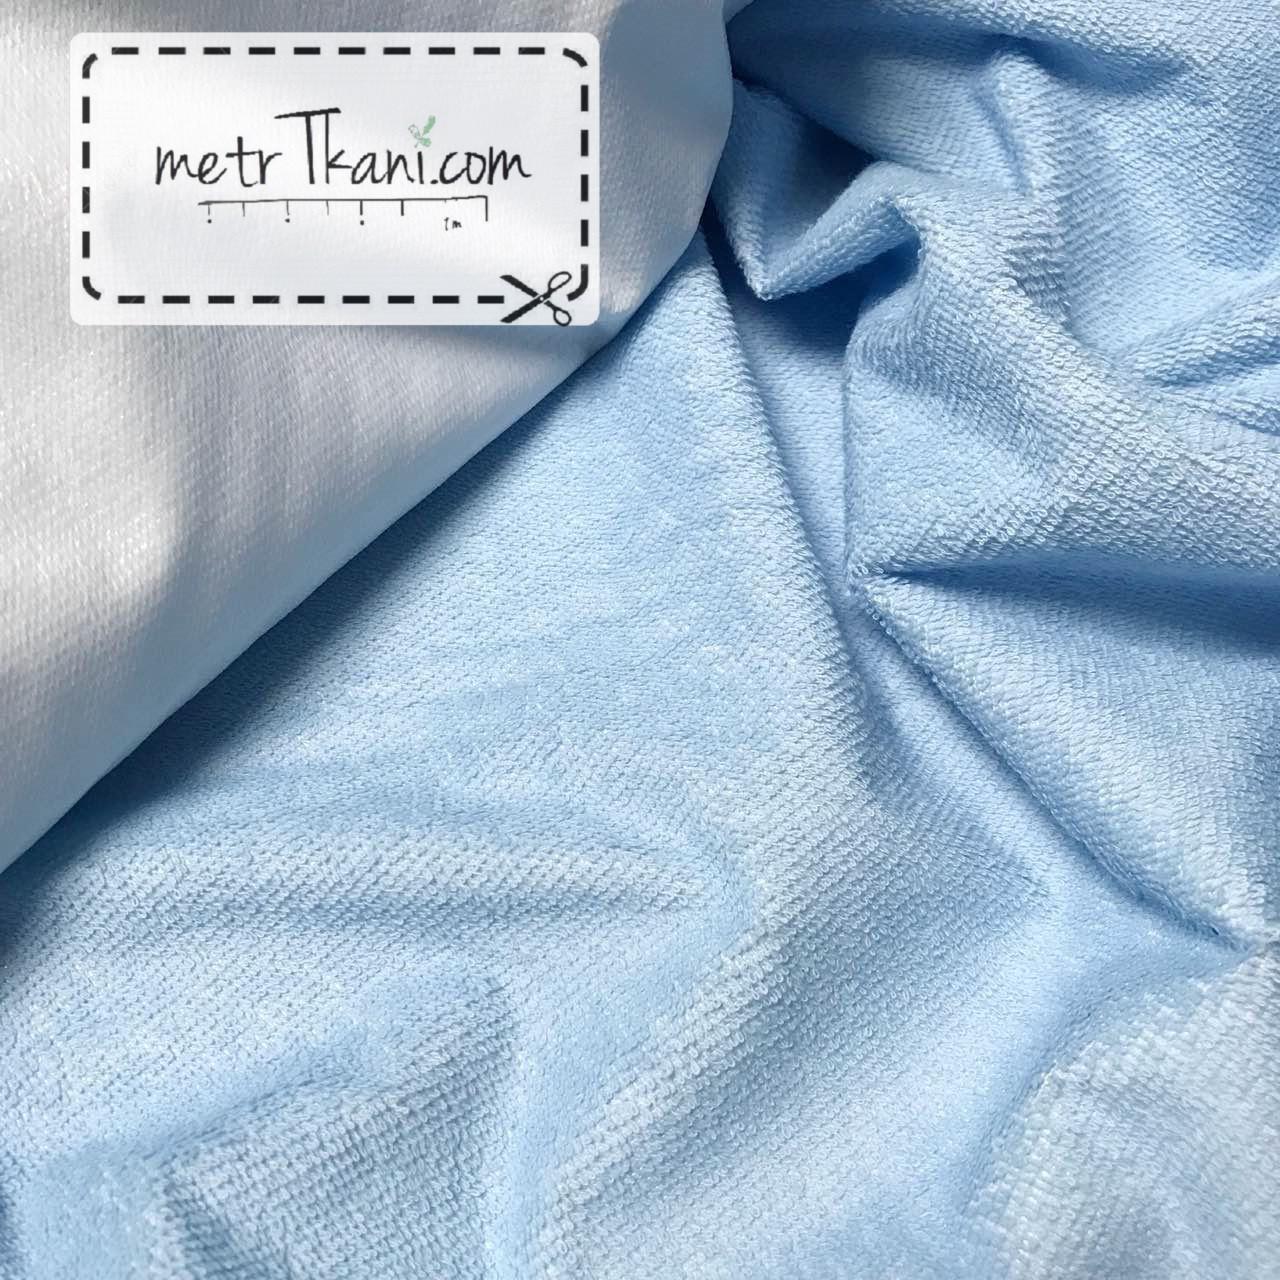 Ткань для чехла непромокаемая купить ткань плательную оптом